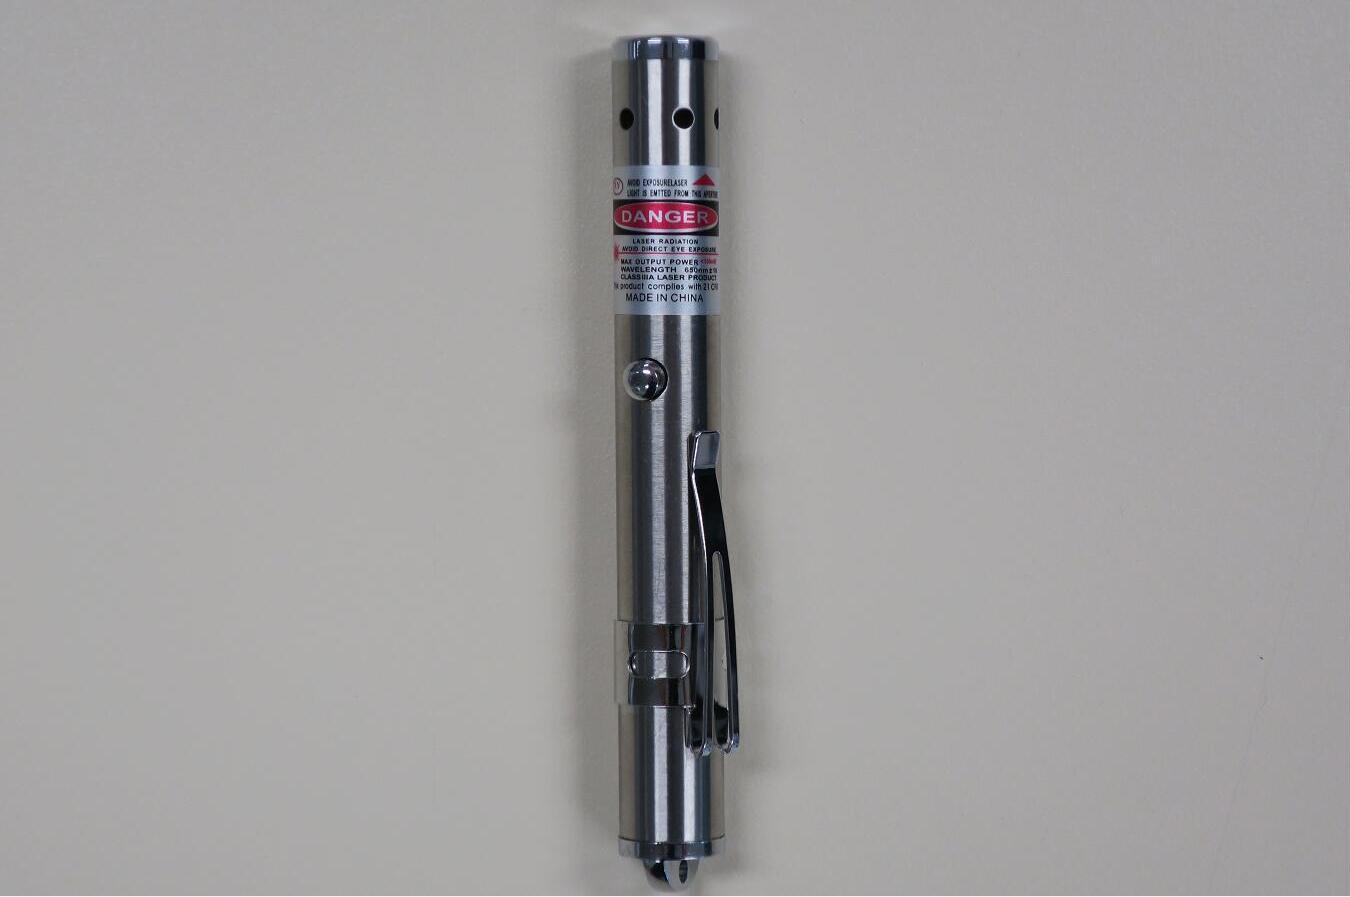 香港海关查获一批疑似不安全激光笔